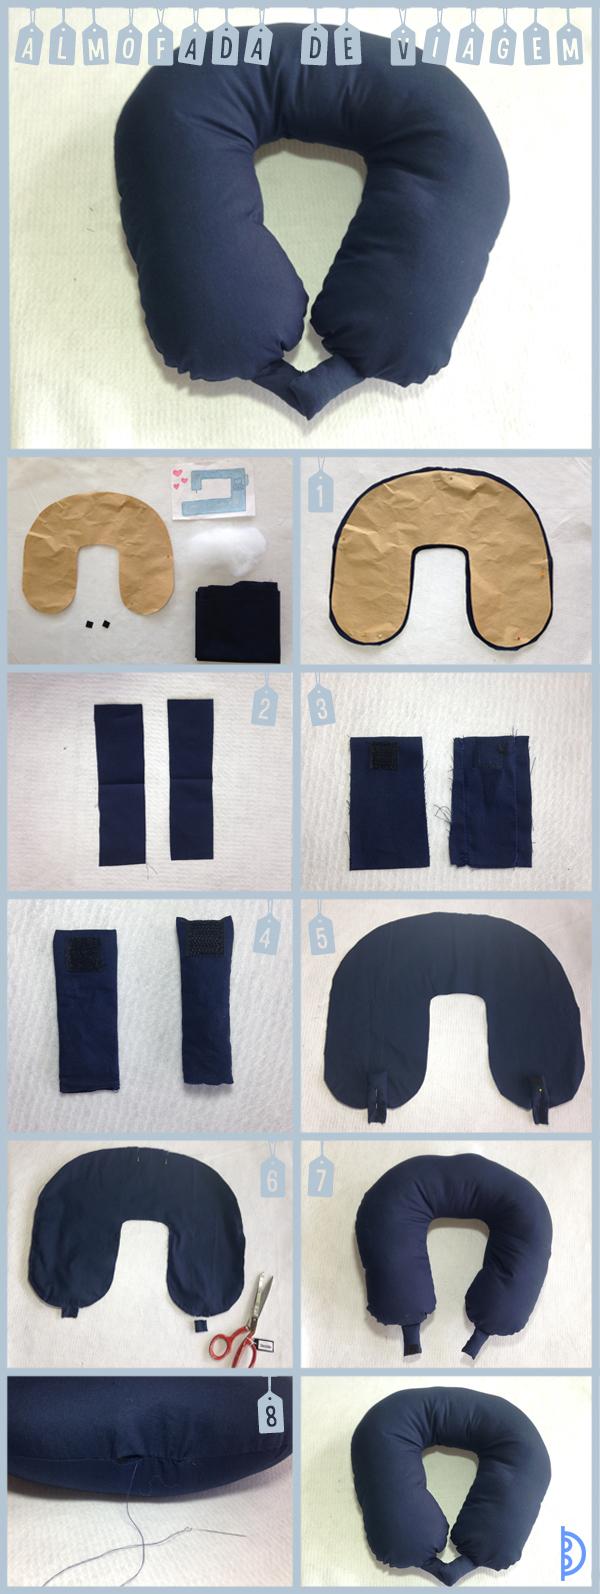 almofada artesanal de pescoço passo a passo